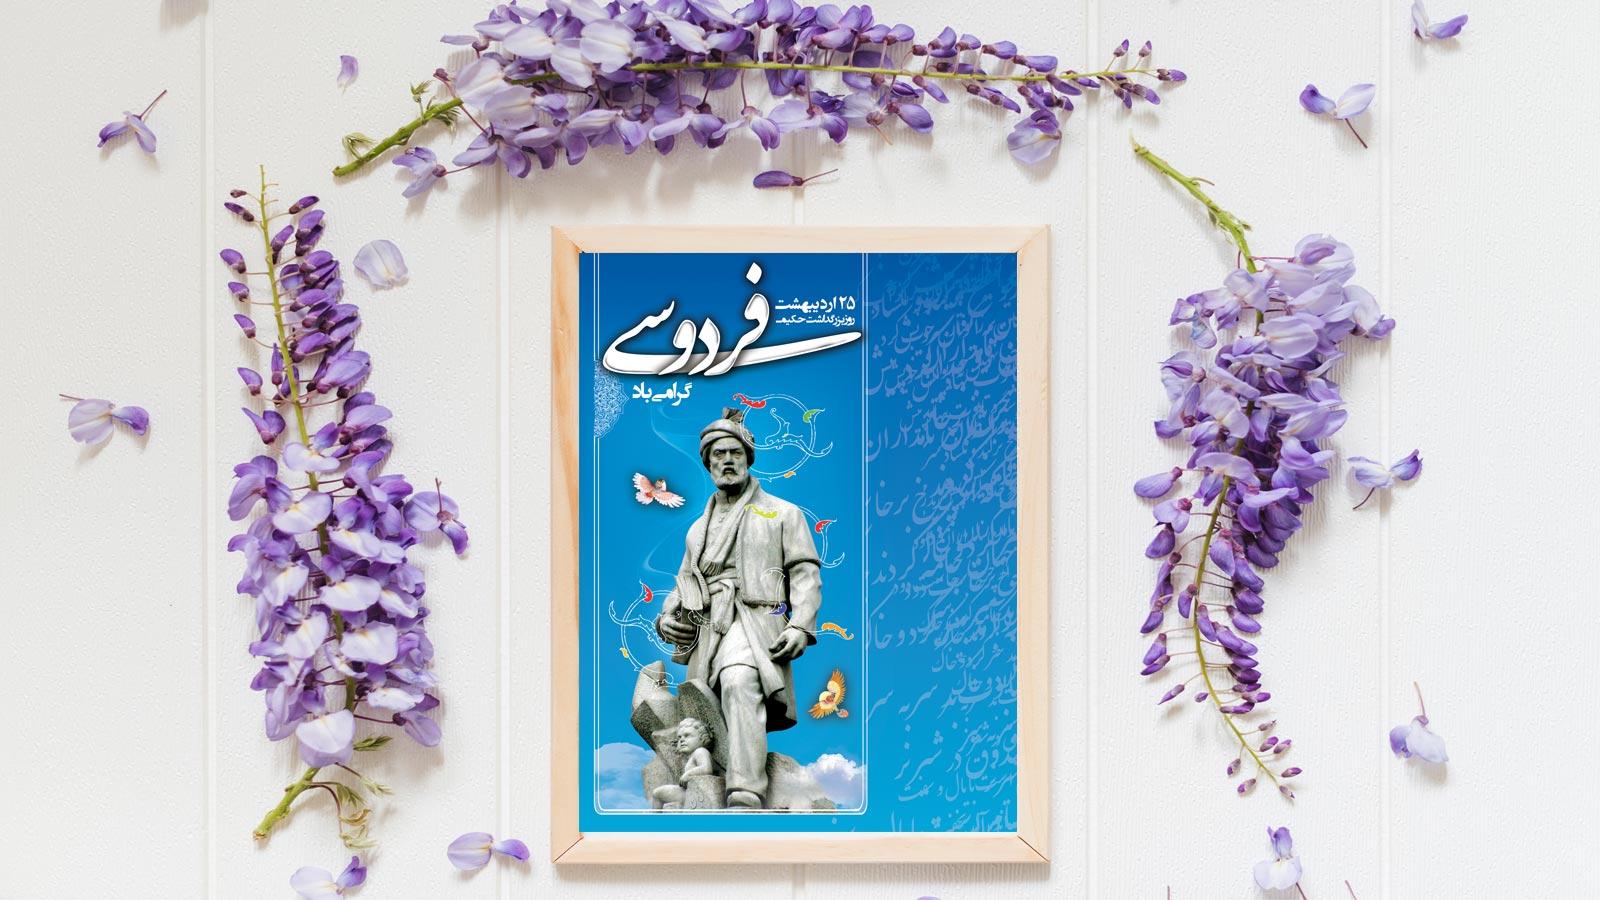 روز بزرگداشت حکیم ابوالقاسم فردوسی